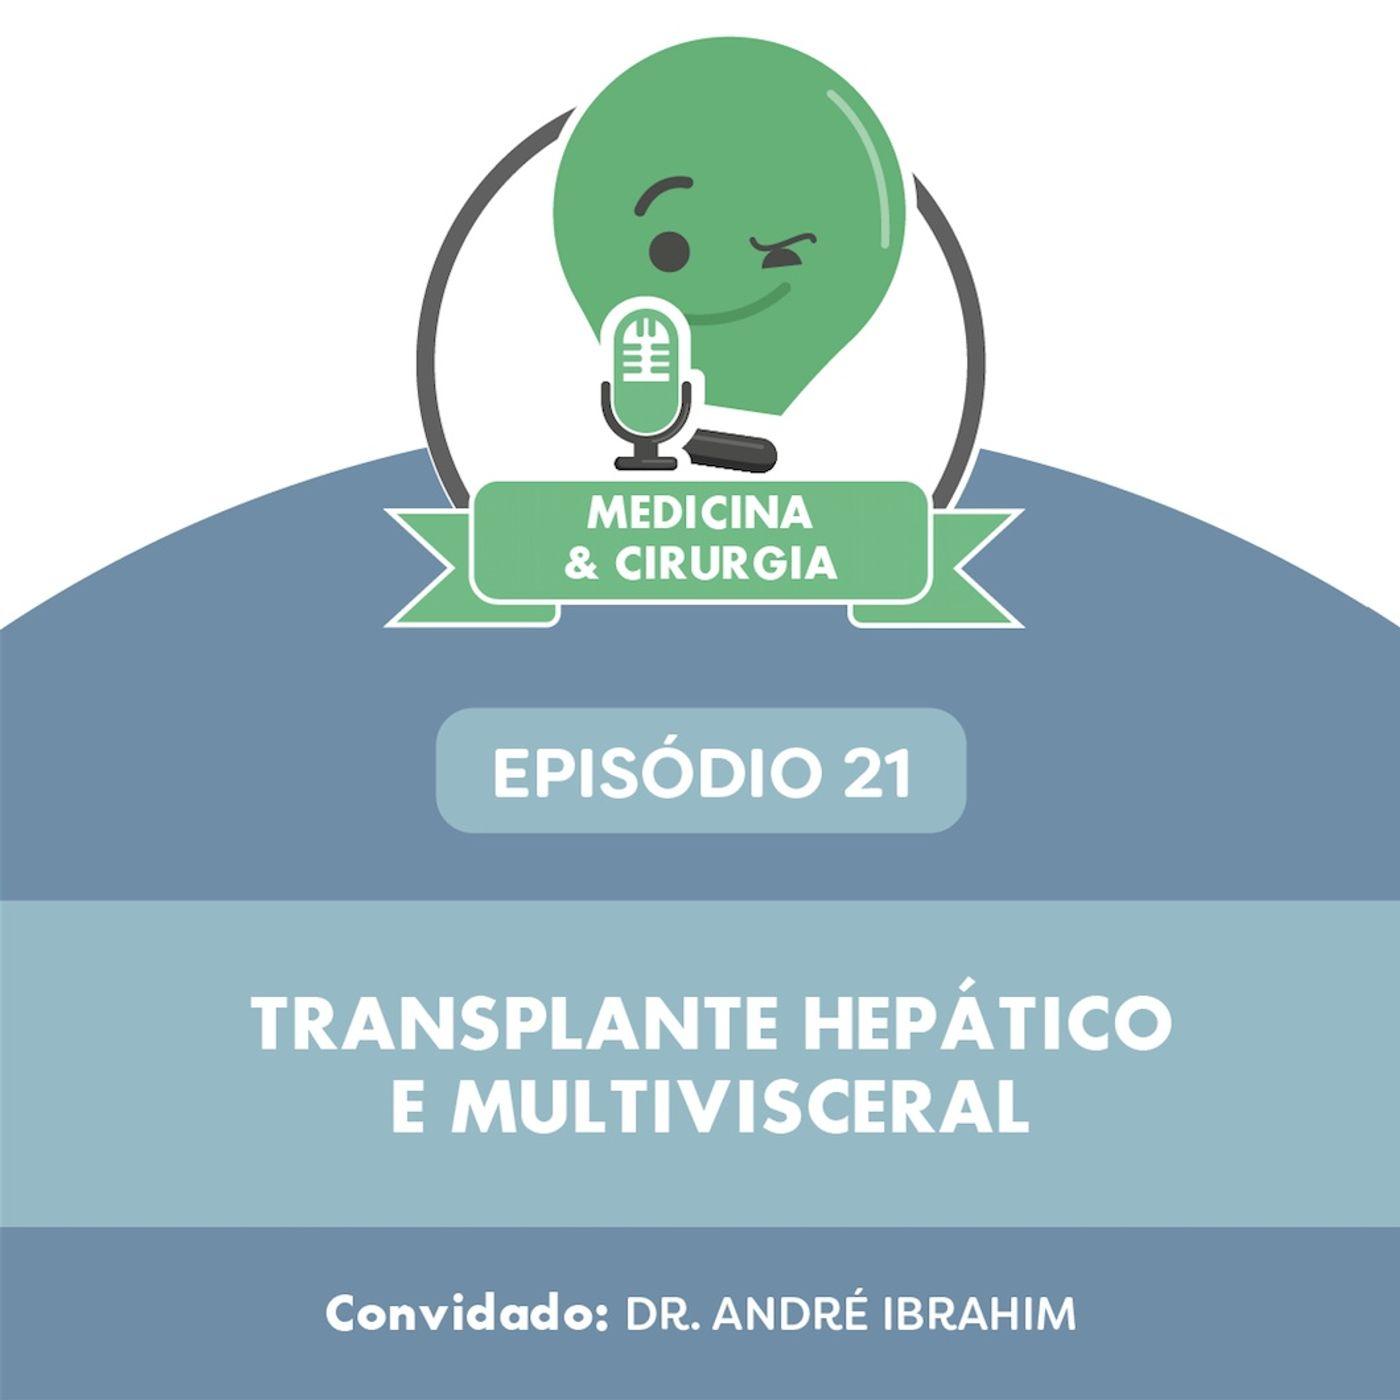 21 - Transplante hepático e multivisceral